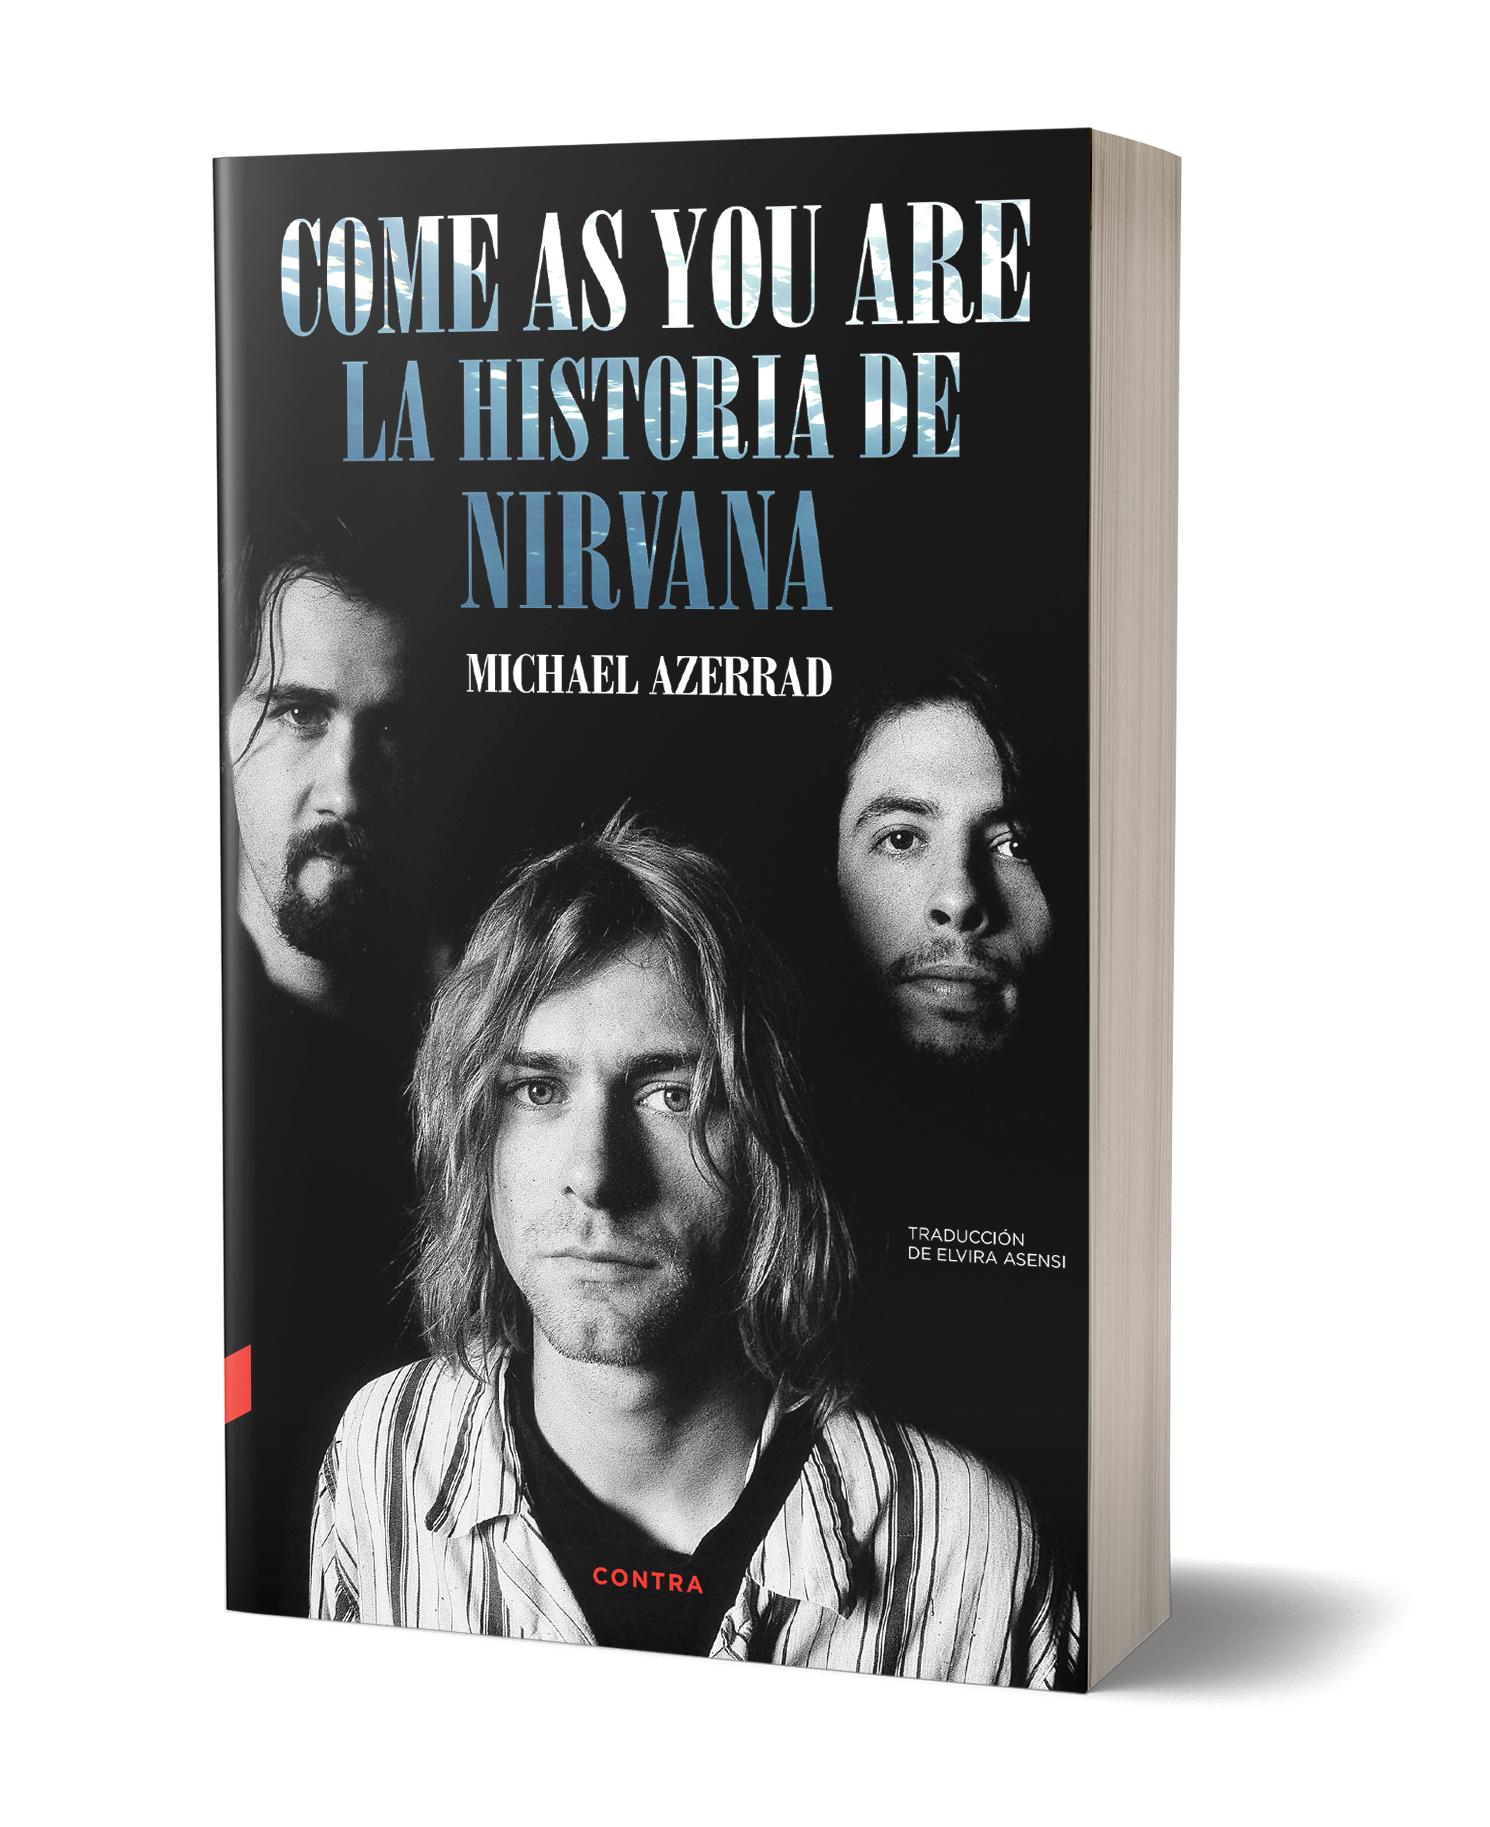 ¿Qué estáis leyendo ahora? - Página 17 Cover_Come_as_You_Are_3D